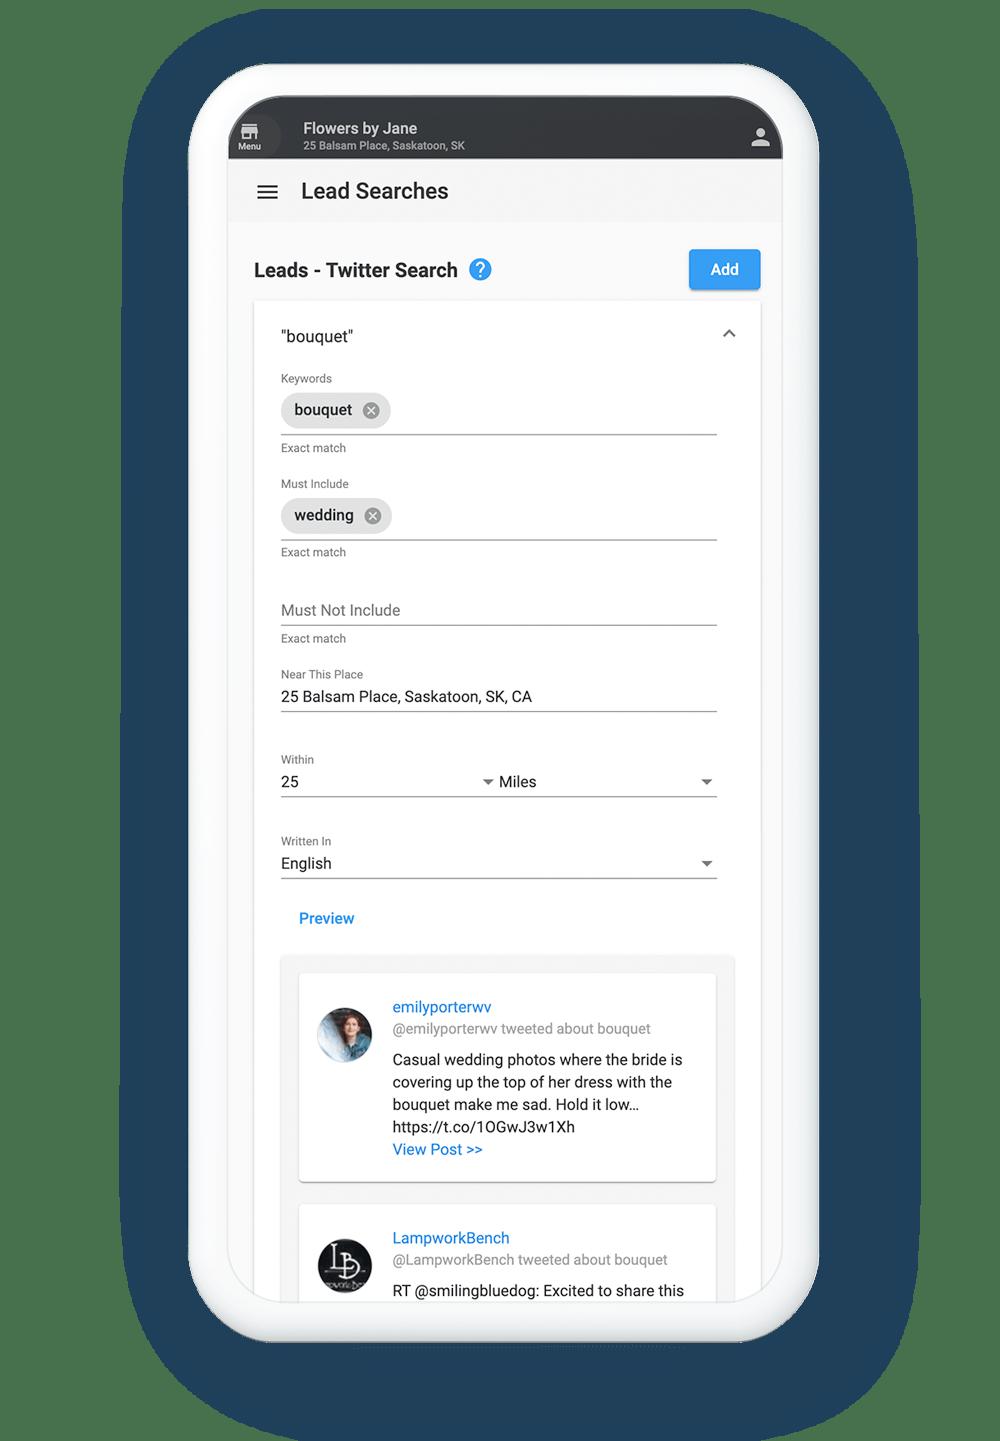 Lead Searches